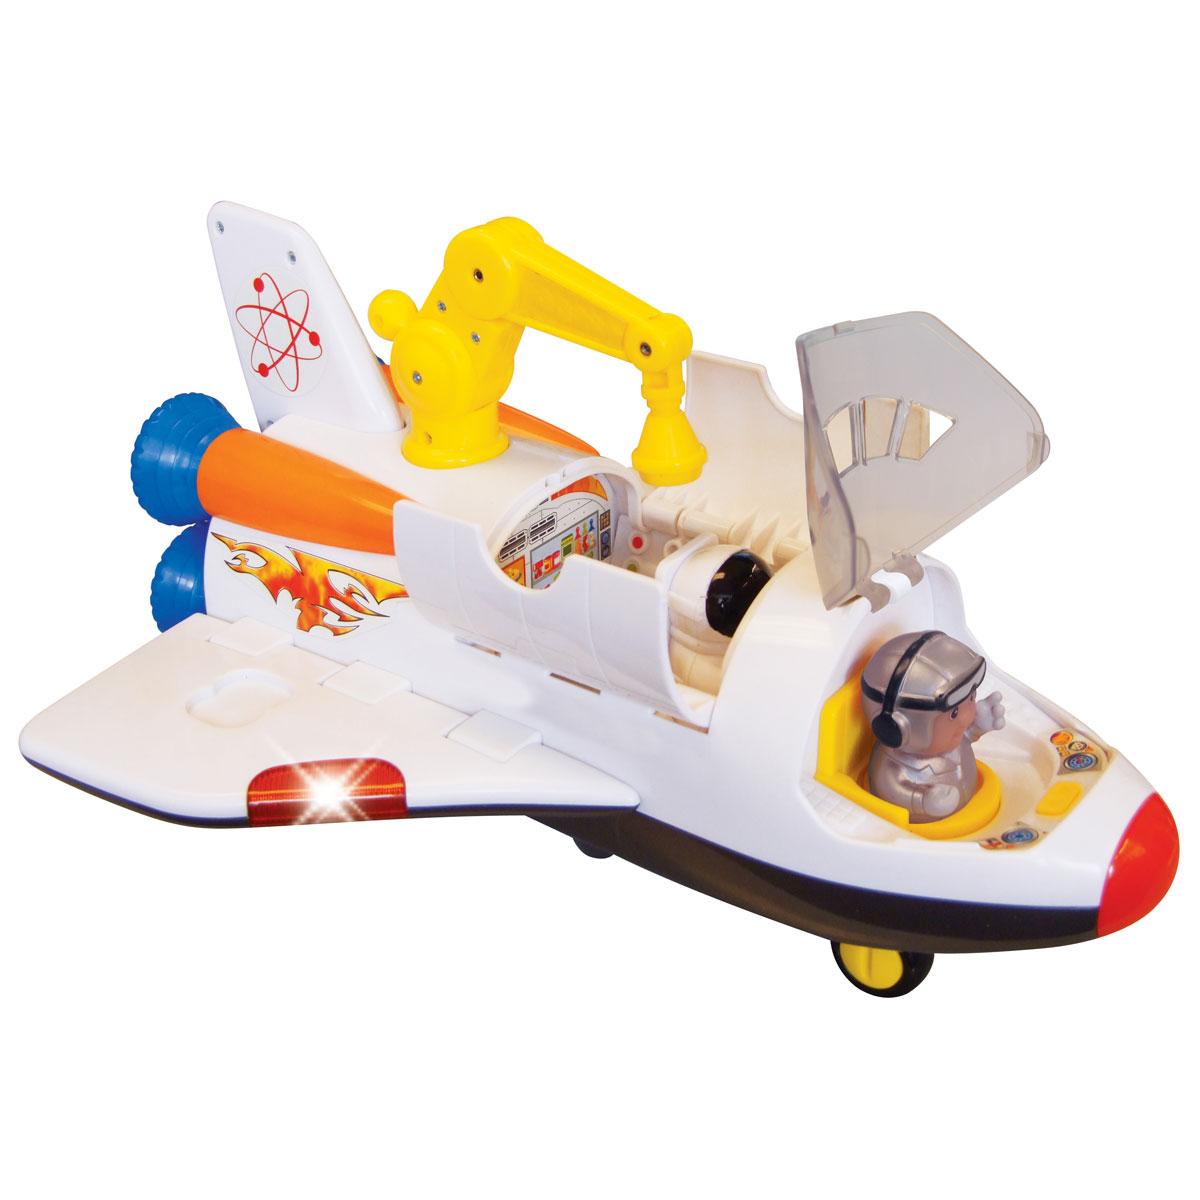 Kiddieland Развивающая игрушка Космический корабль kiddieland развивающий центр пиратский корабль kiddieland